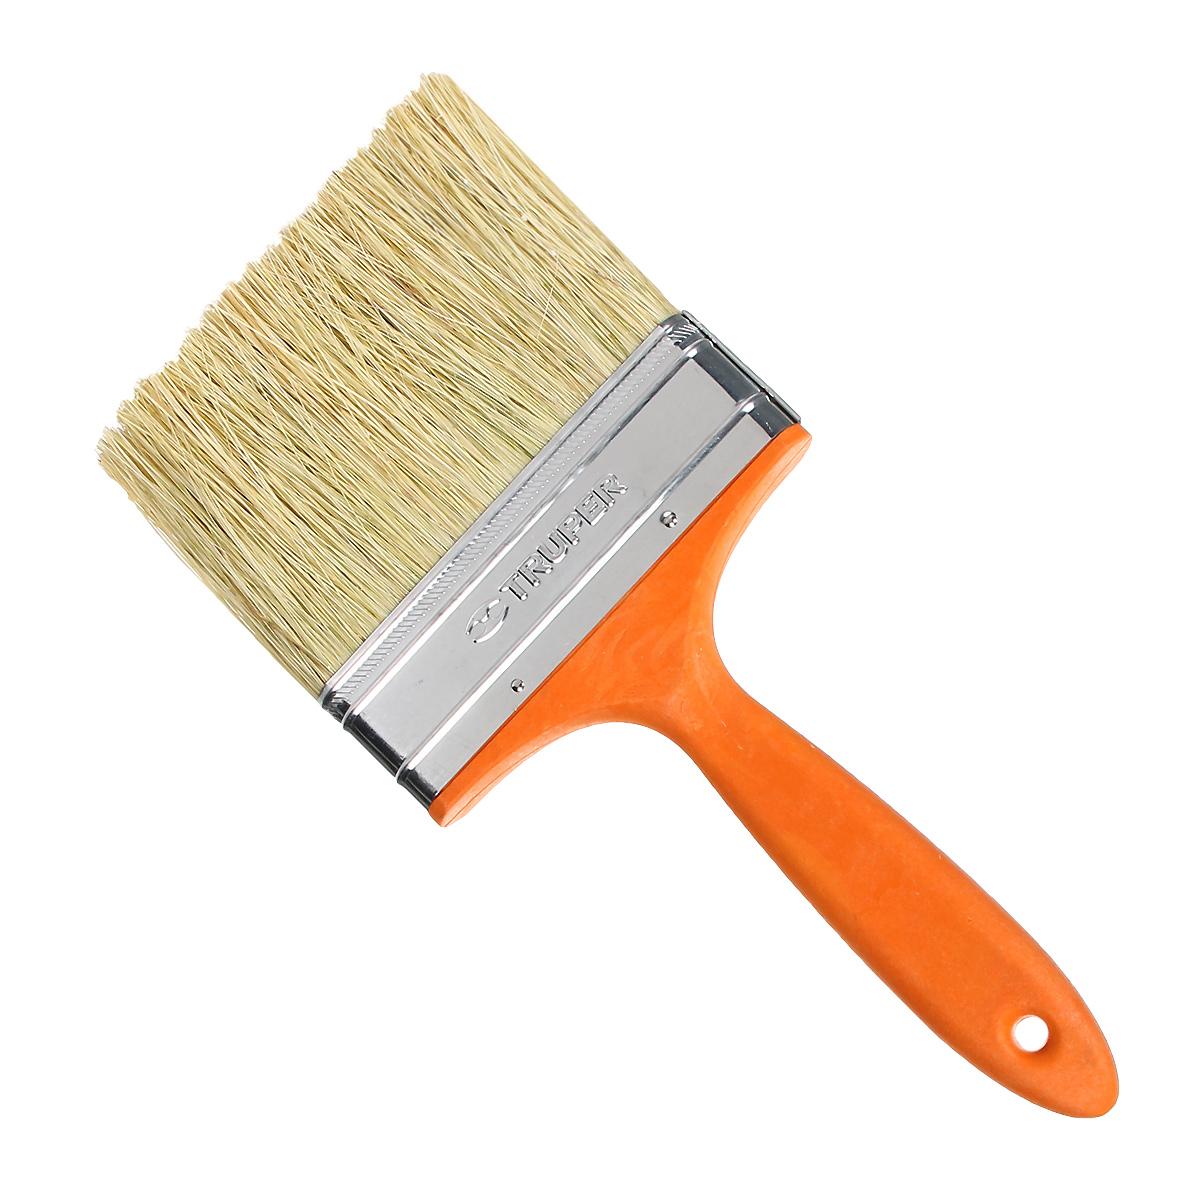 Кисть малярная Truper, с пластиковой ручкой, натуральная растительная щетина, 127 ммBREN-5Малярная кисть Truper с пластиковой ручкой. Натуральная растительная щетина. Применяется для окрашивания больших площадей и нанесения клея на поверхность. Рукоятка обеспечивает надежный и удобный хват благодаря своей форме.